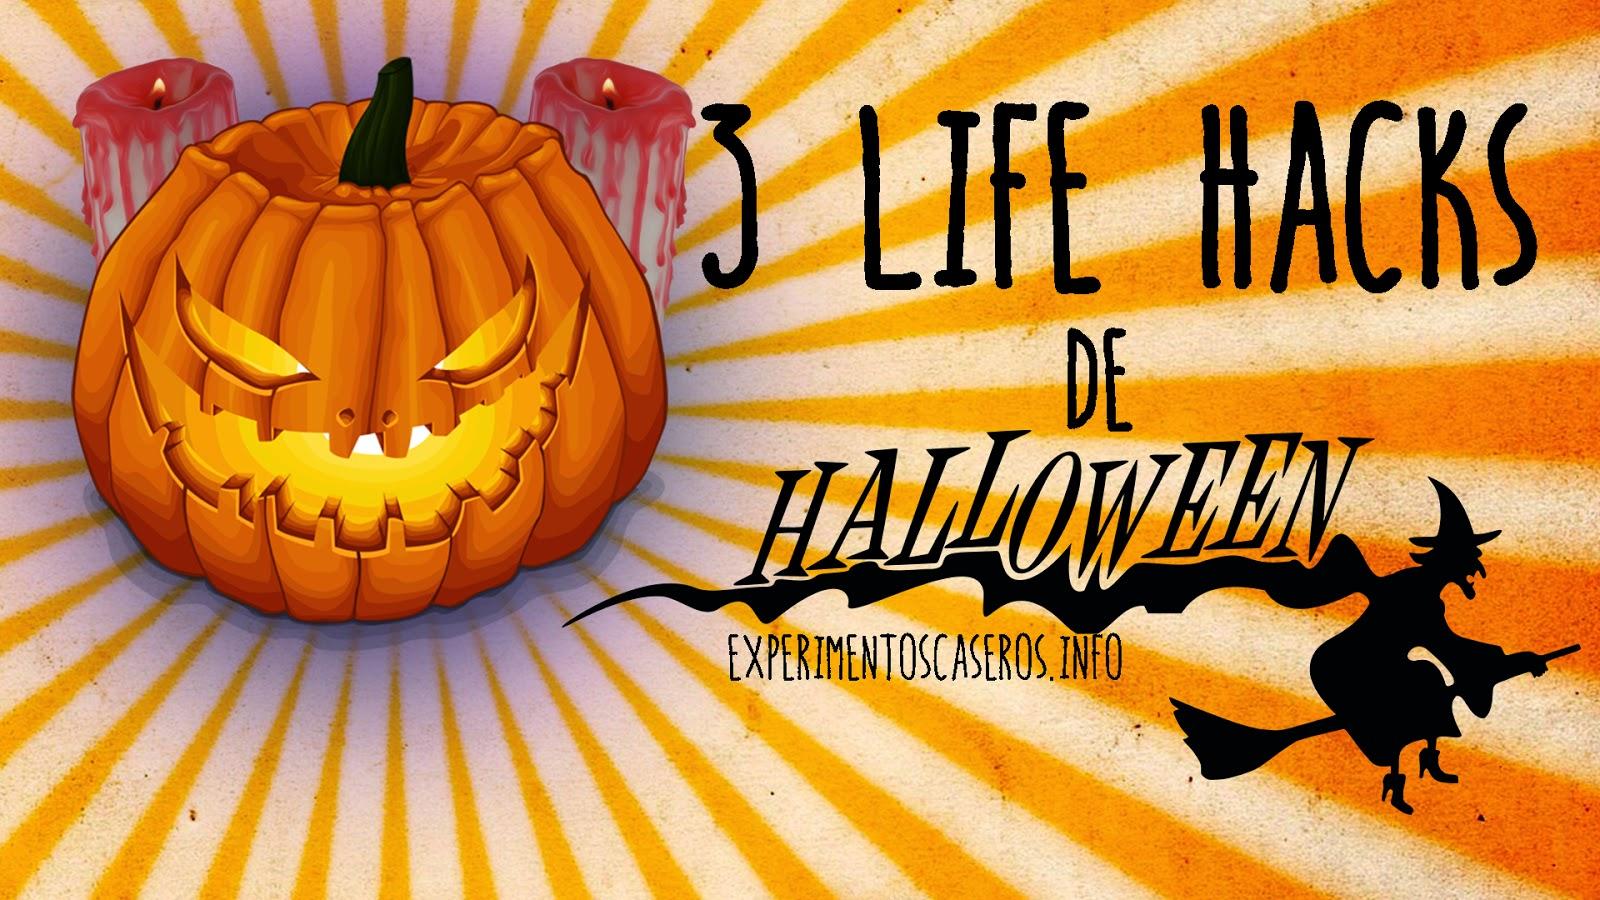 3 Life hacks para Halloween, life hacks, hacks en la vida real, halloween, decoración para halloween, vela sangrienta, tarro, aceite, foto, globo luminoso, glow stick, experimentos caseros, experimentos sencillos, fiesta de halloween